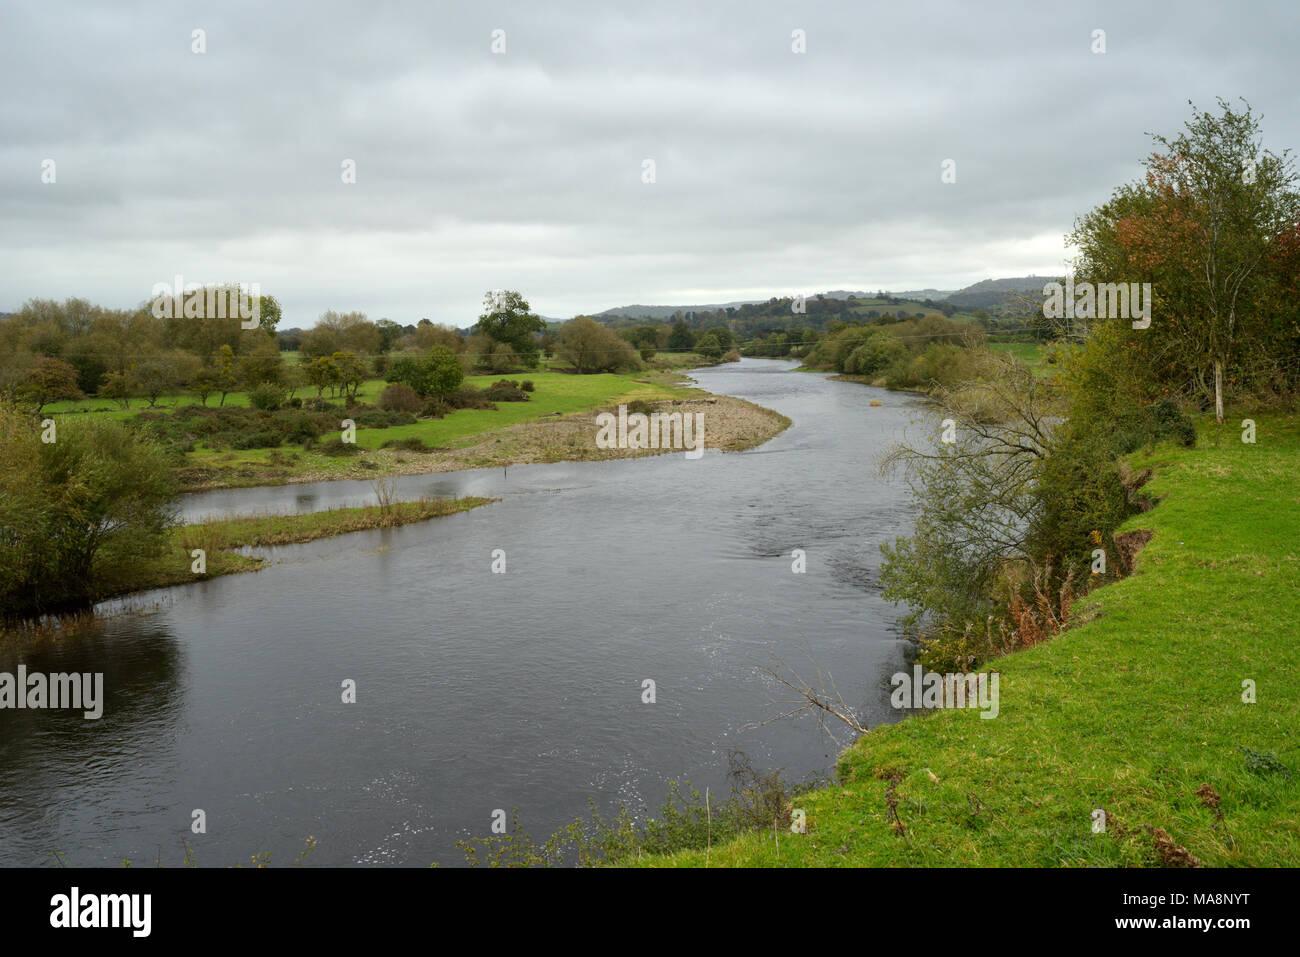 The River Wye near Llyswen (Glangwye) - Stock Image